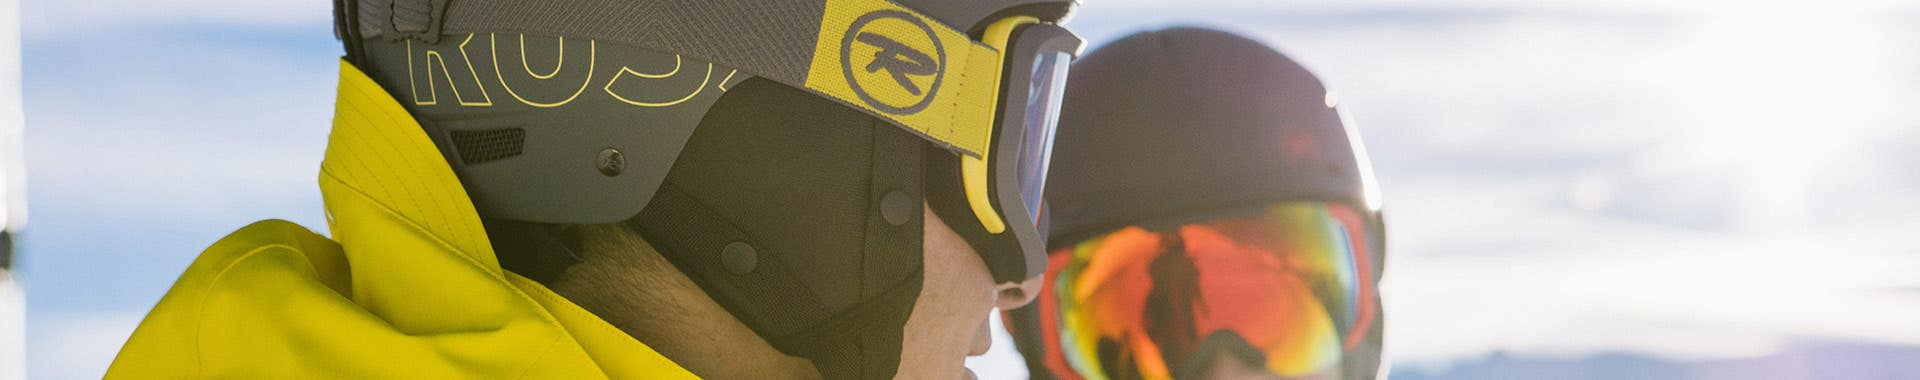 Ski goggle screens